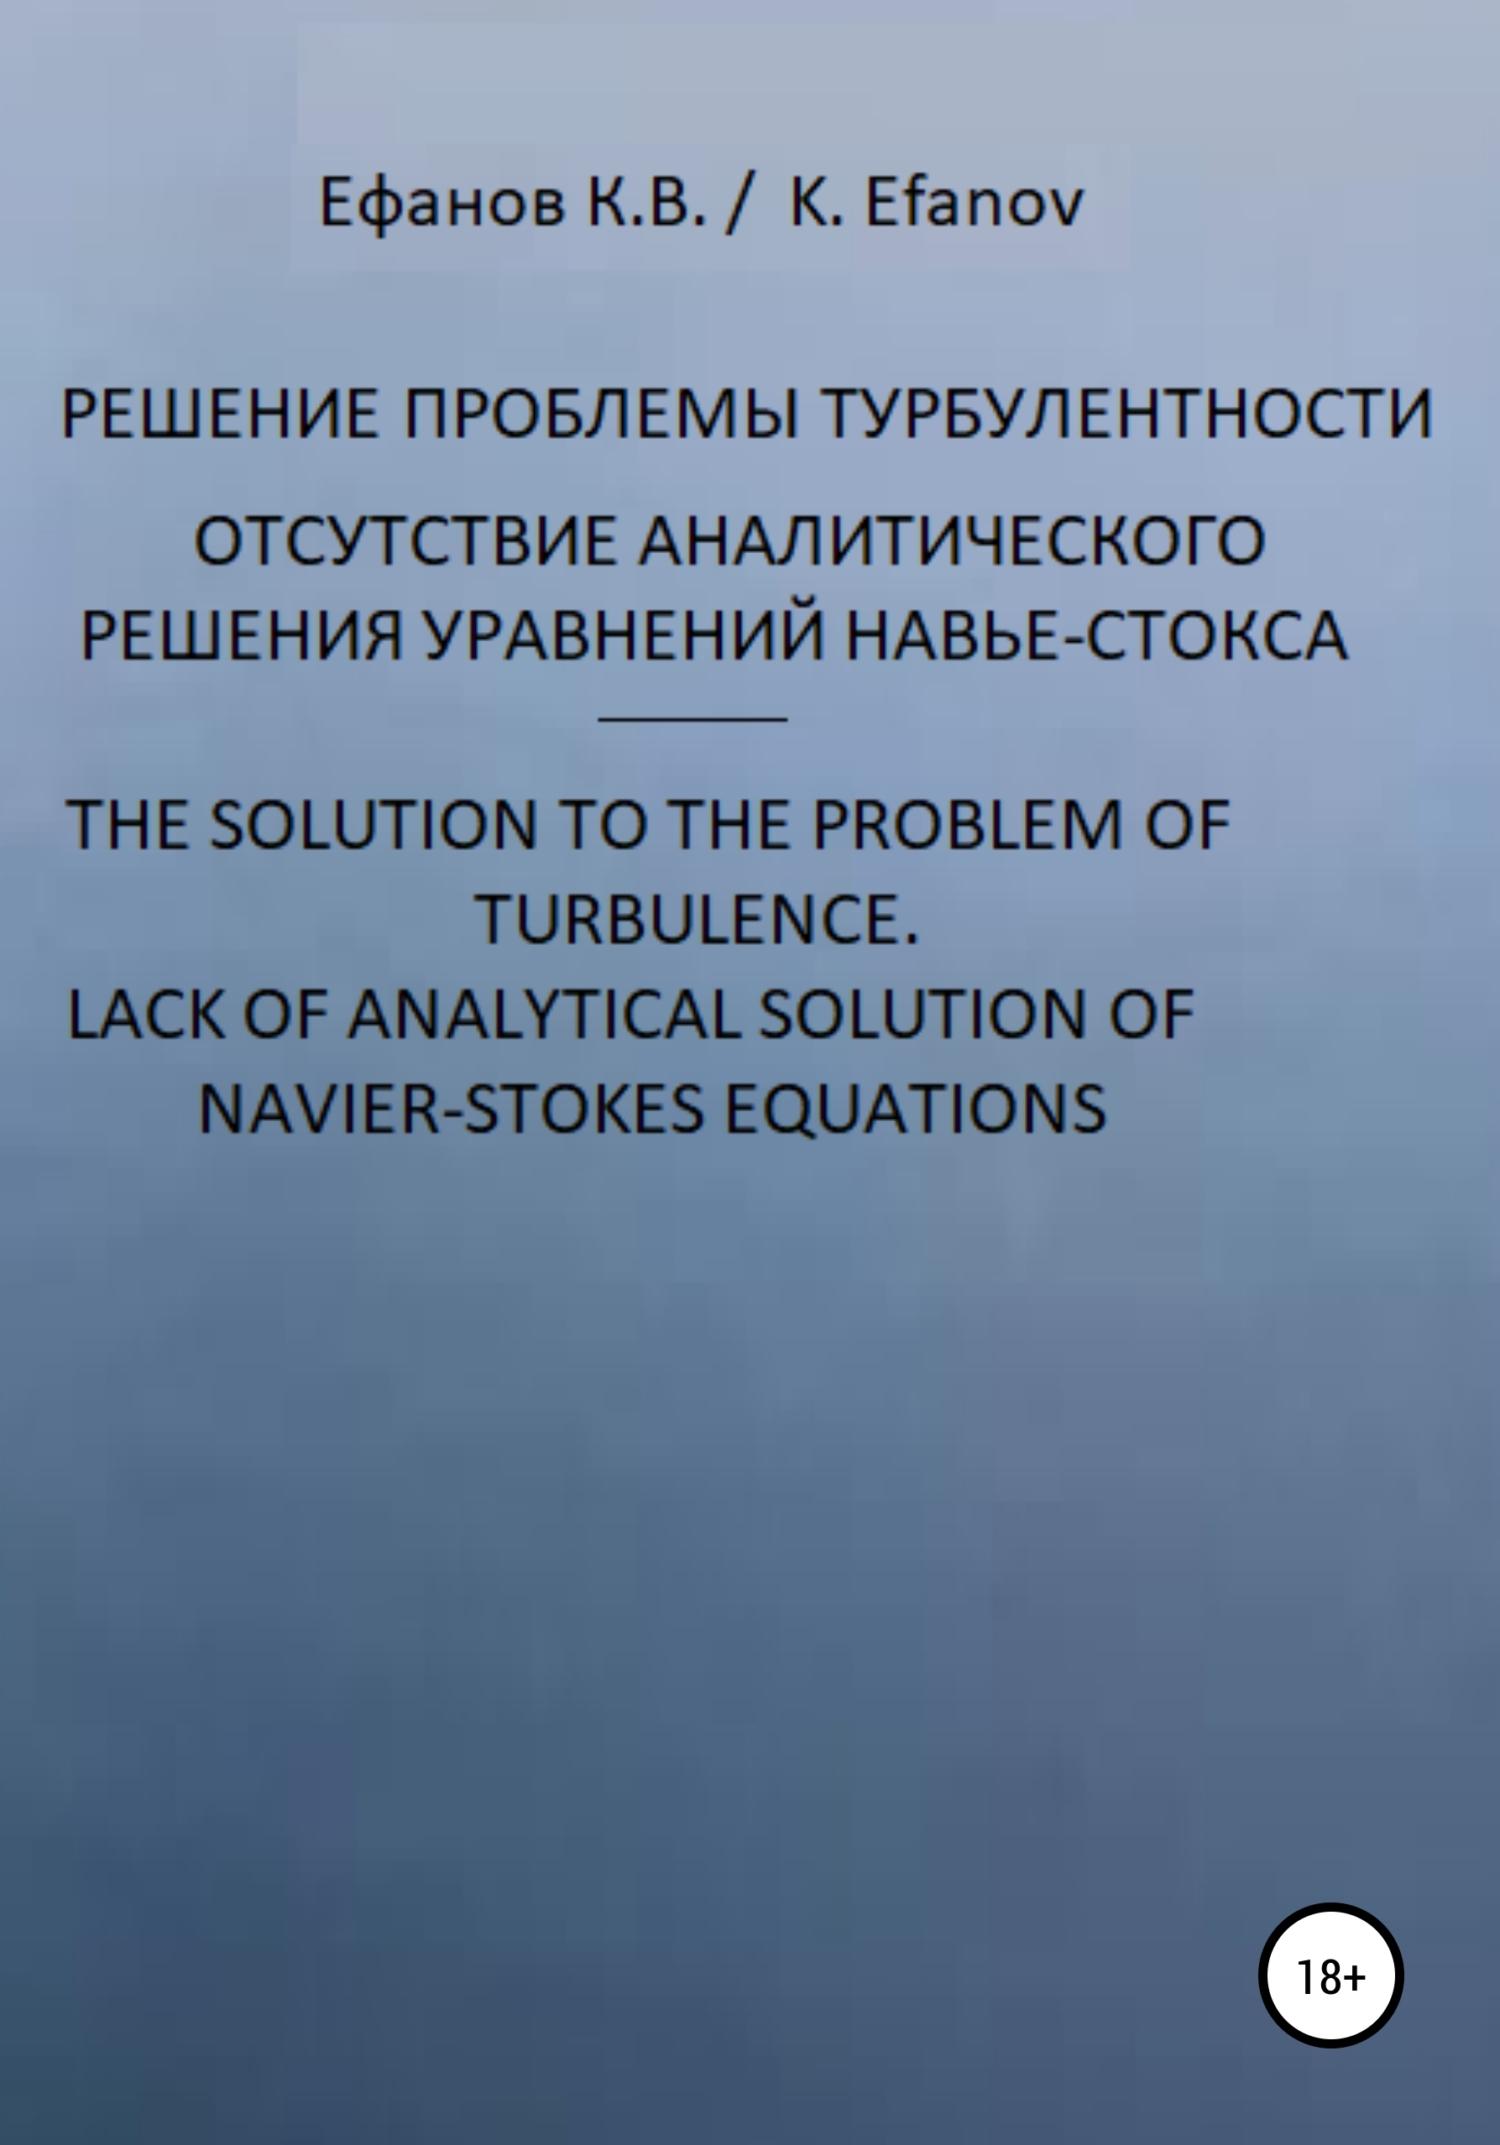 Уравнения Навье-Стокса, отсутствие решения \/ Navier-Stokes equations, no solution